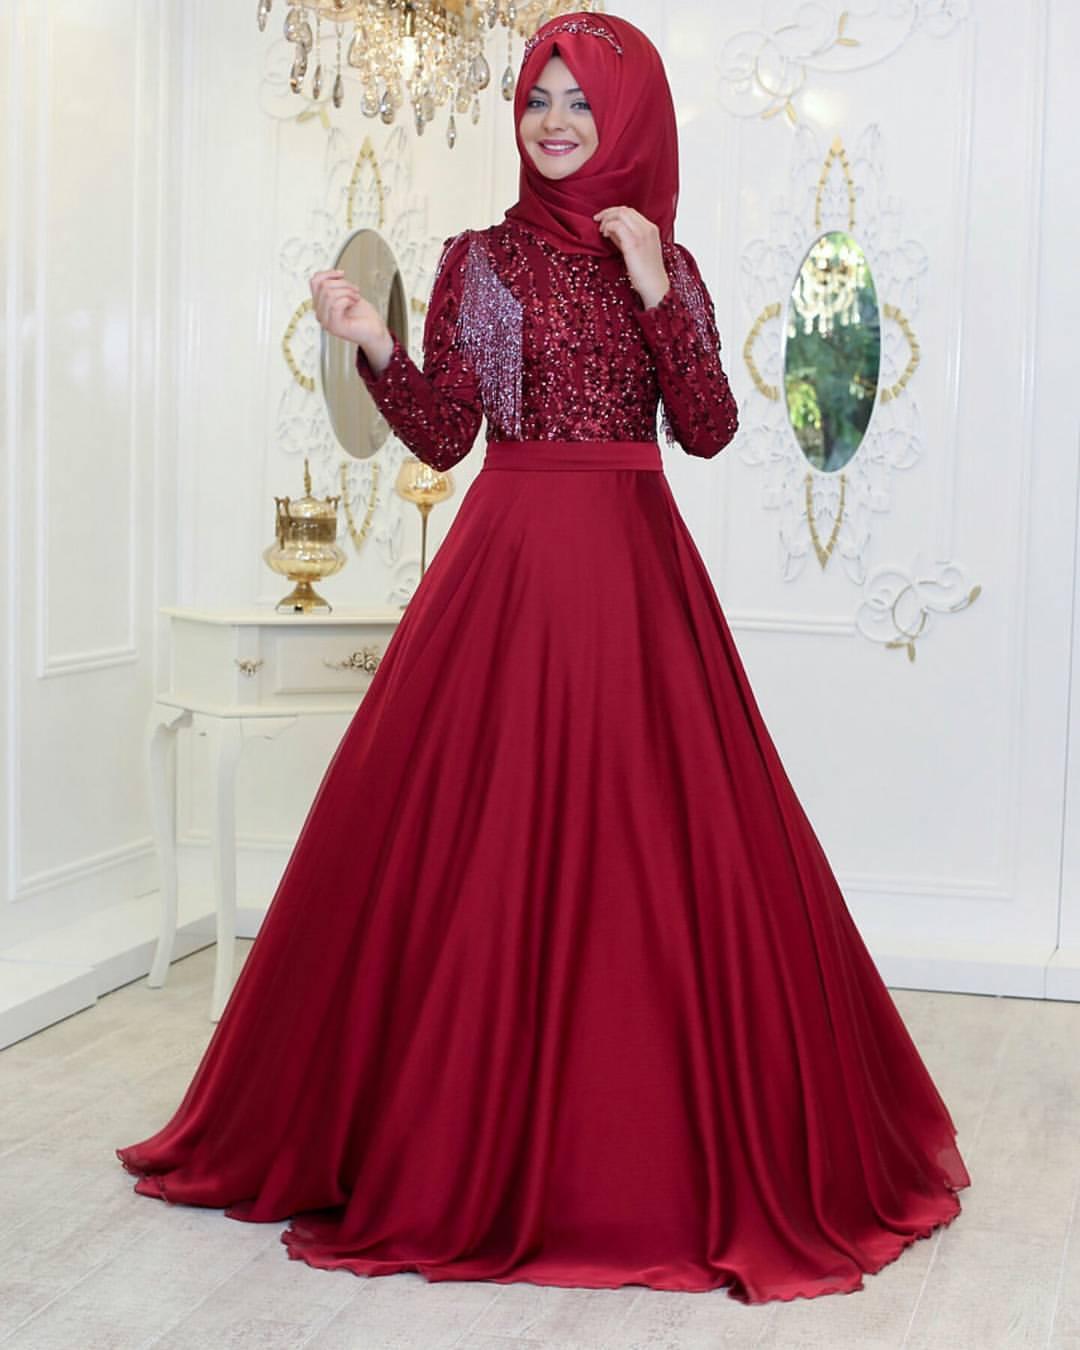 Pinarsems Abiye Modelleri 39 - 2018 Pınar Şems Abiye Modelleri